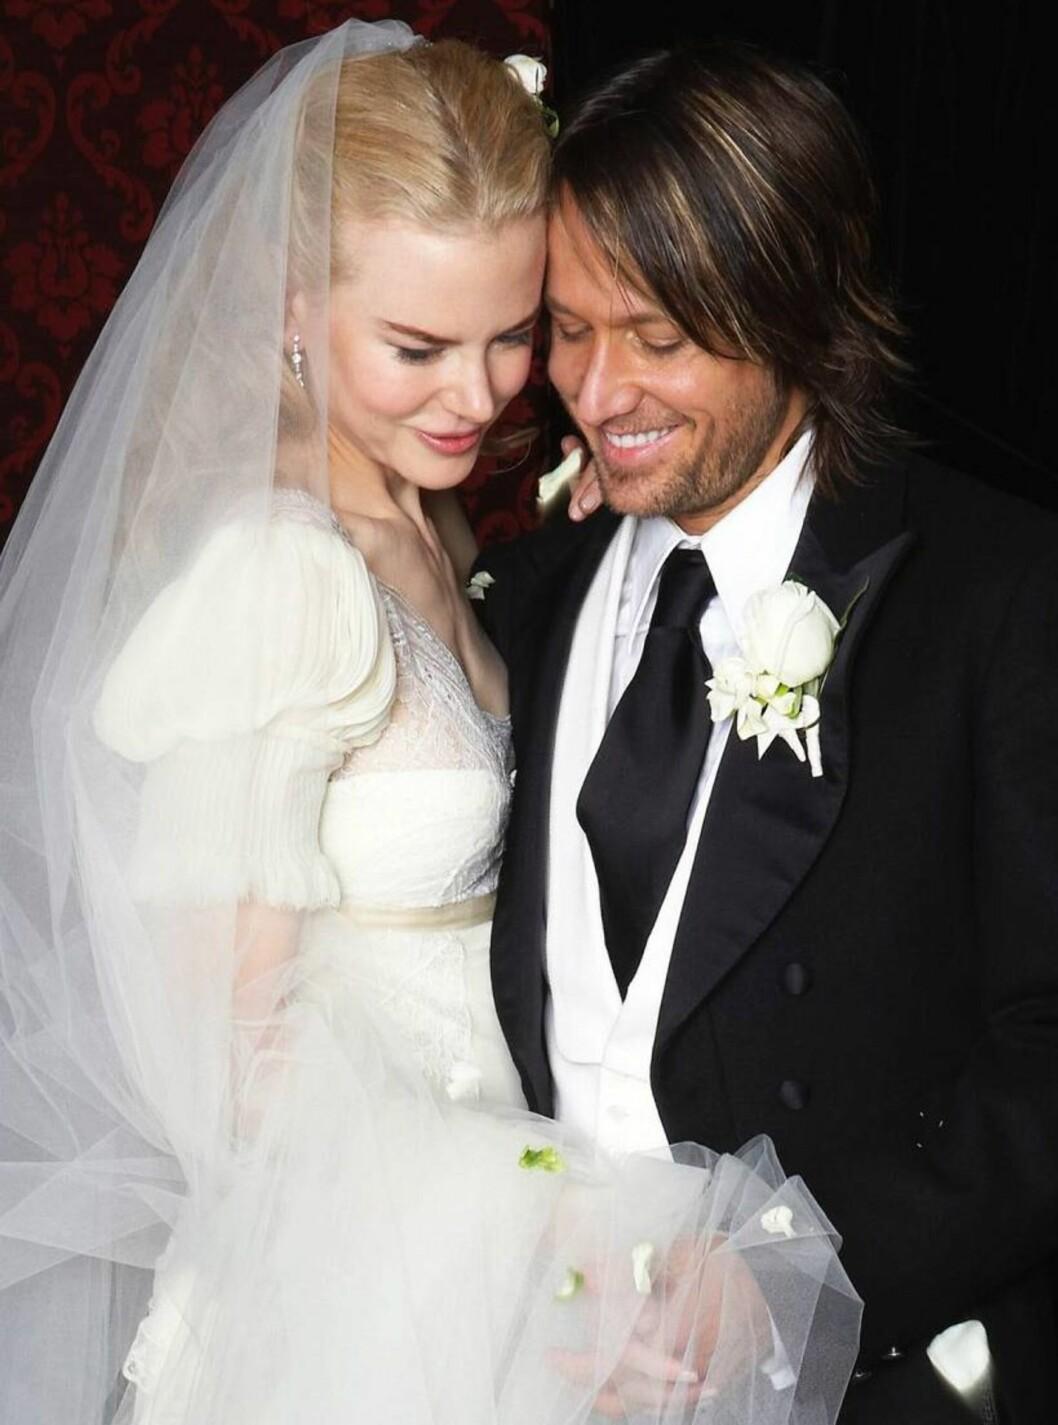 <strong>INGEN HINDRINGER:</strong> Selv om Nicole egenglig er skilt, ble det ikke noe problem å få gifte seg i en katolsk kirke. Foto: AP/Scanpix